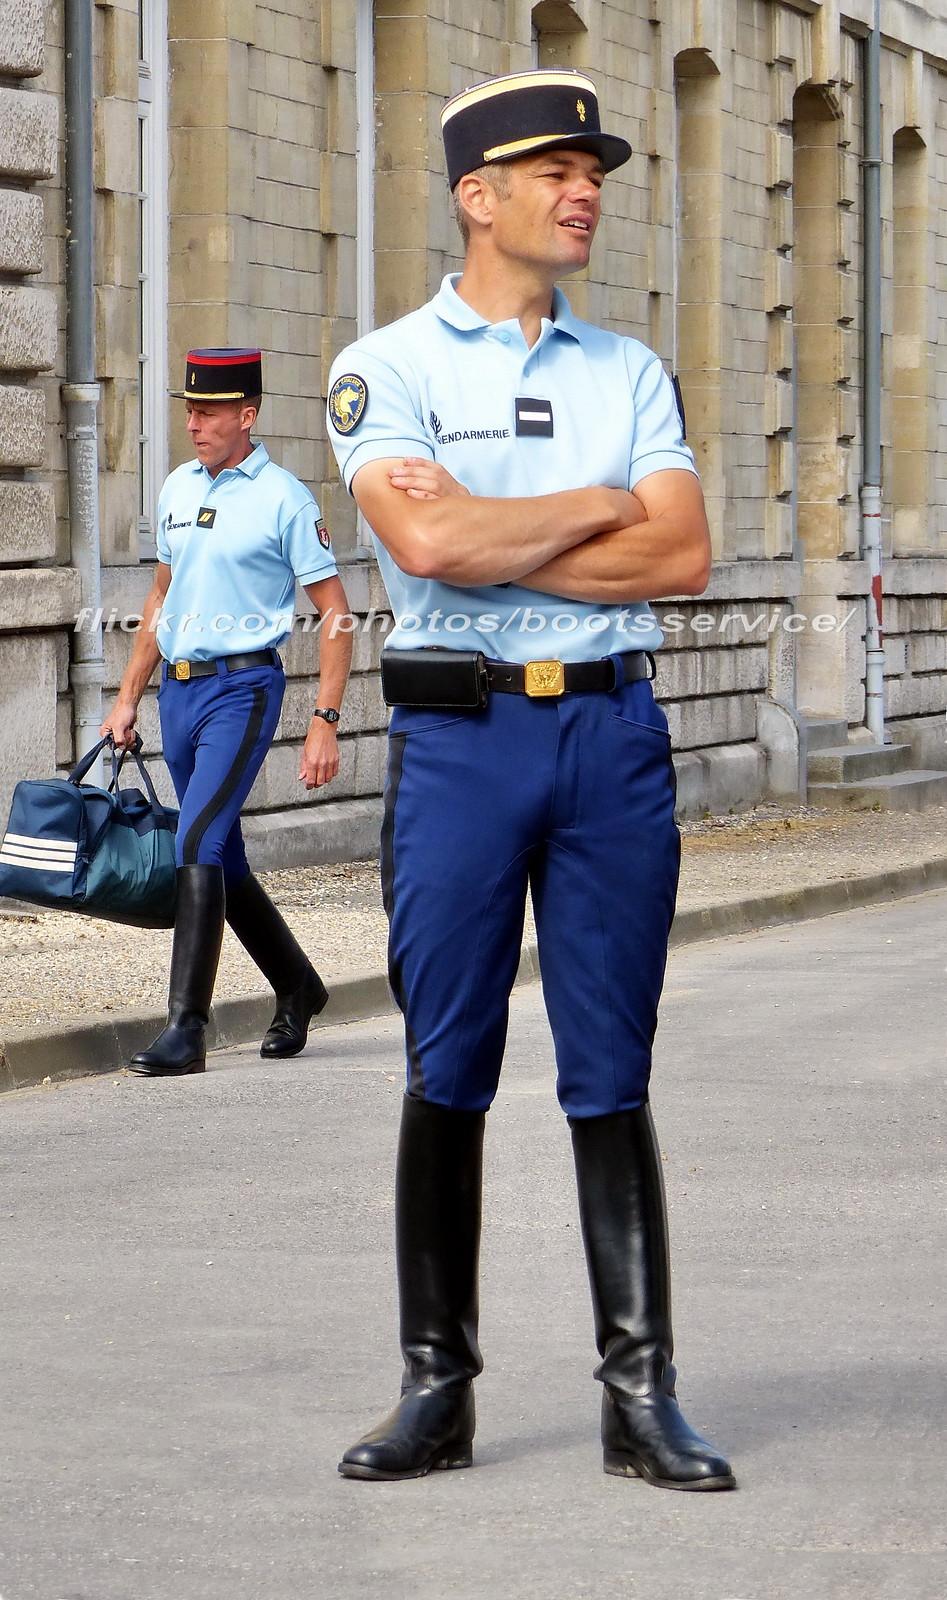 Garde r publicaine de paris portes ouvertes 2017 flickr - Portes ouvertes garde republicaine ...